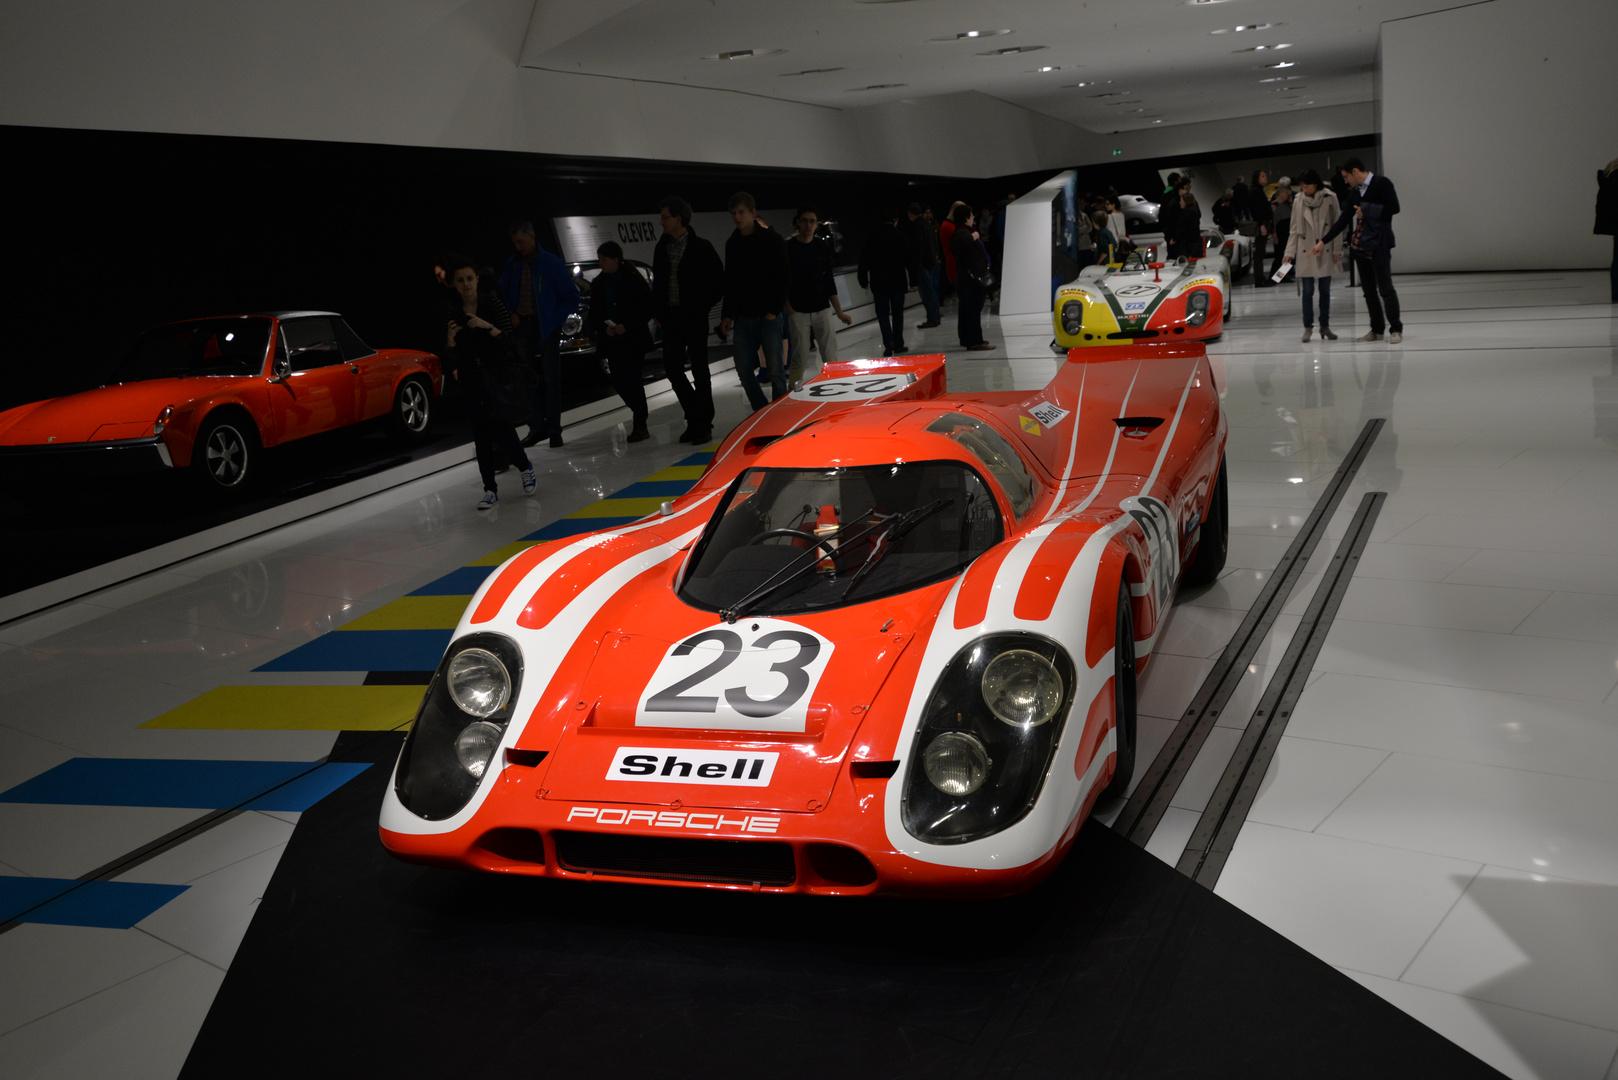 Porsche 917/023